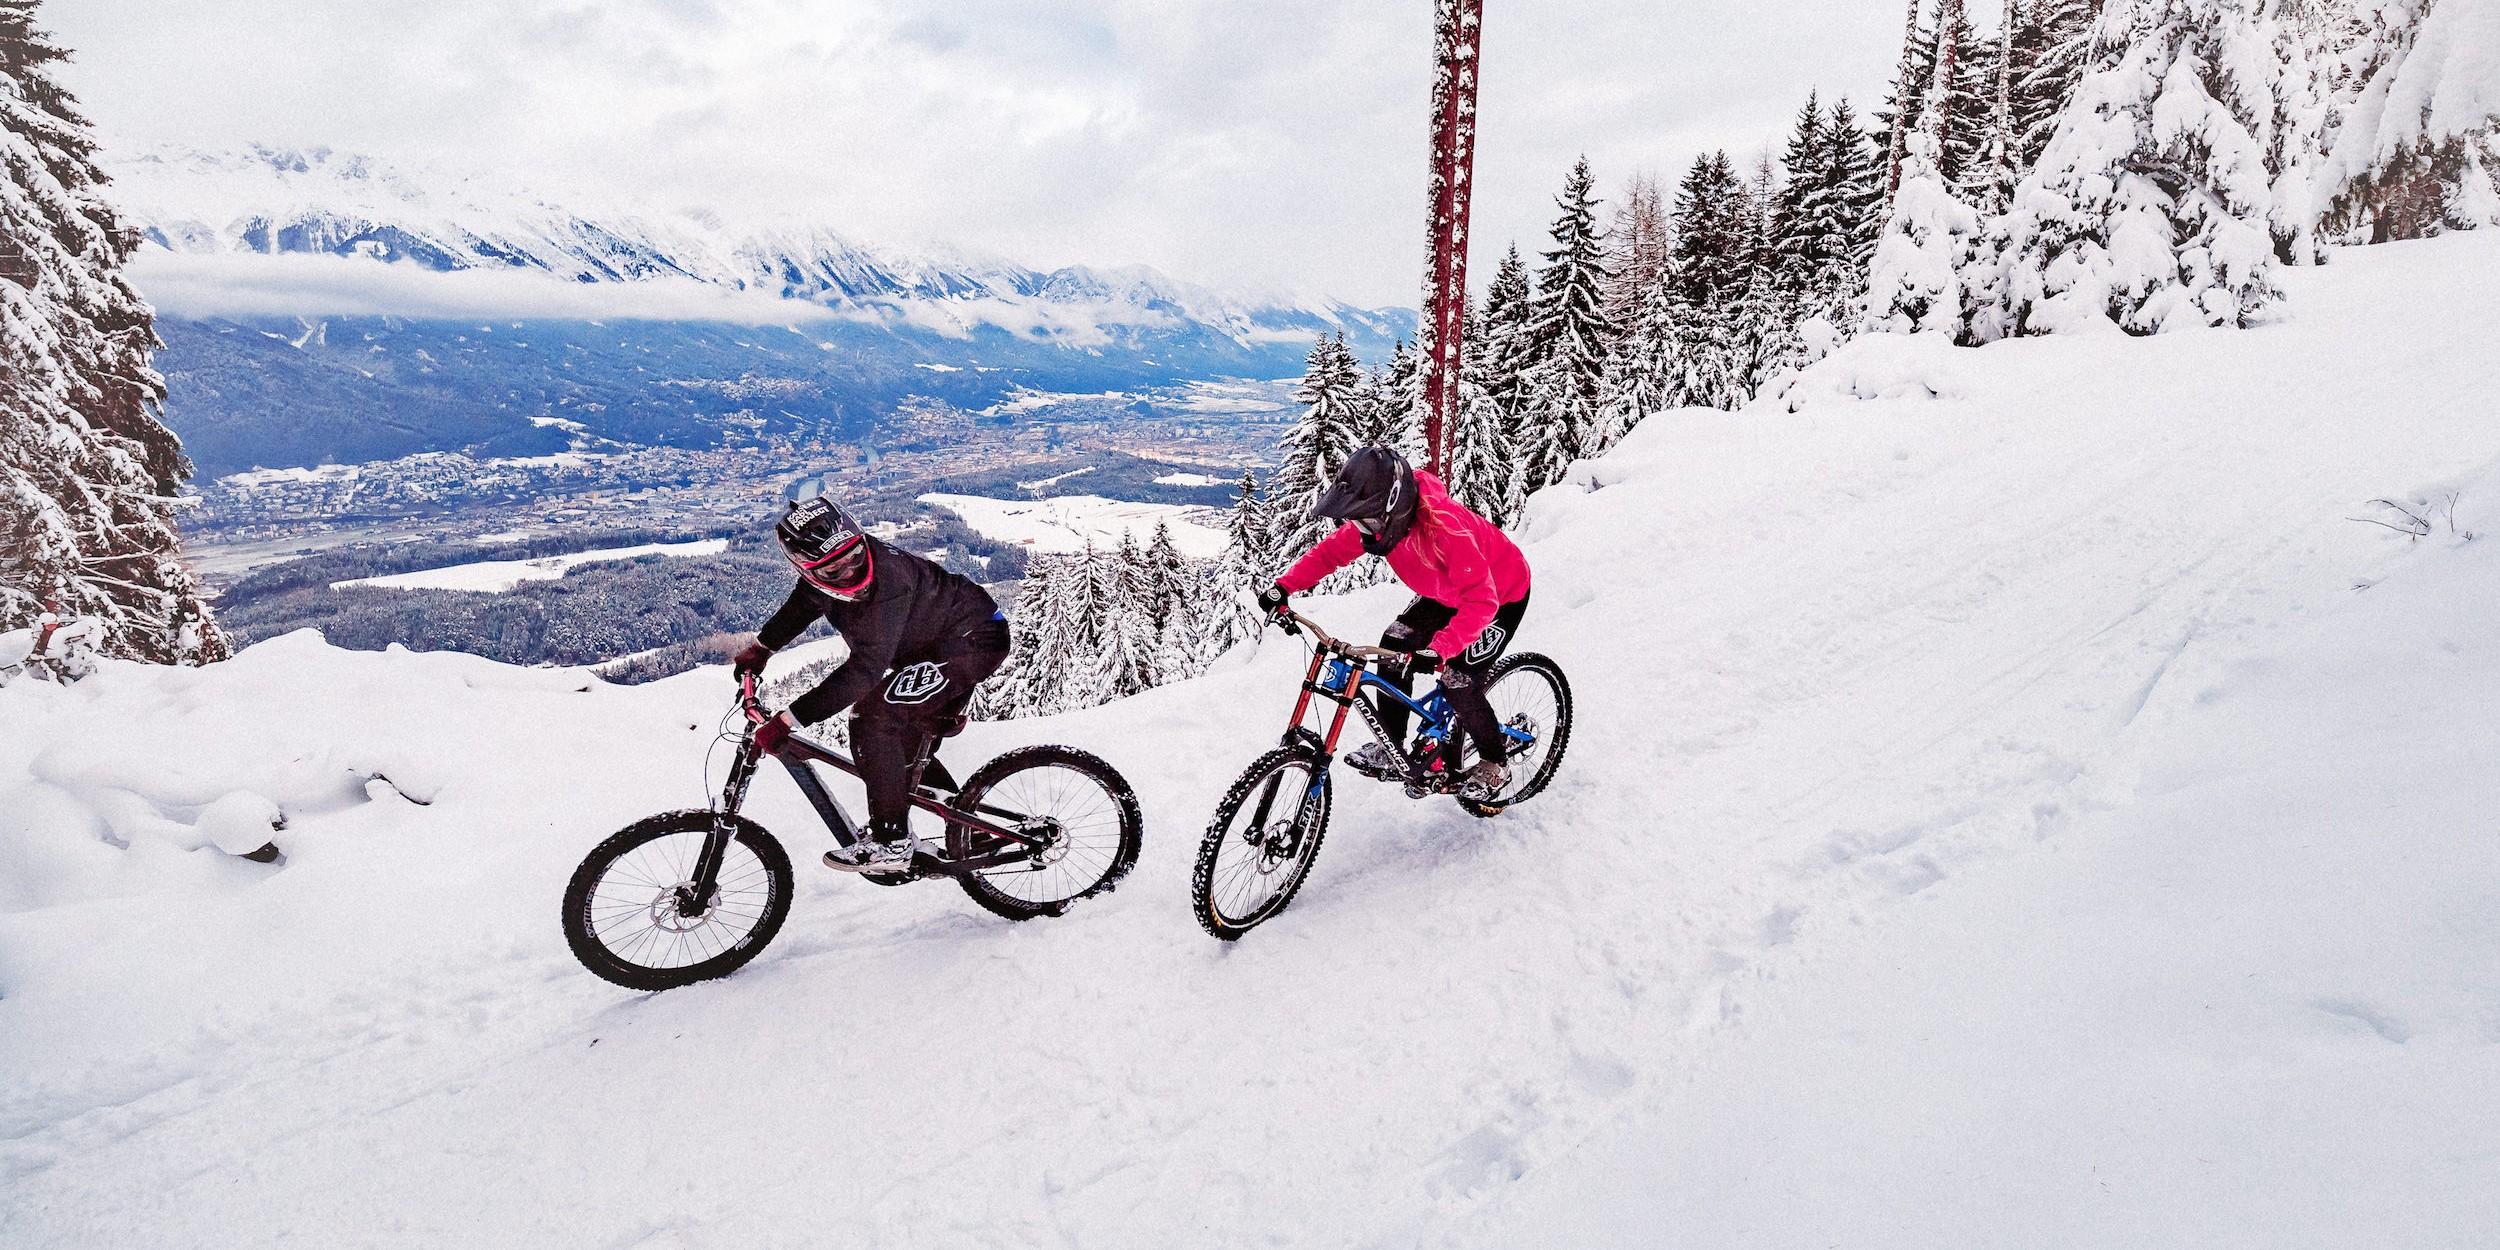 Winter-Rides im Bikepark Innsbruck